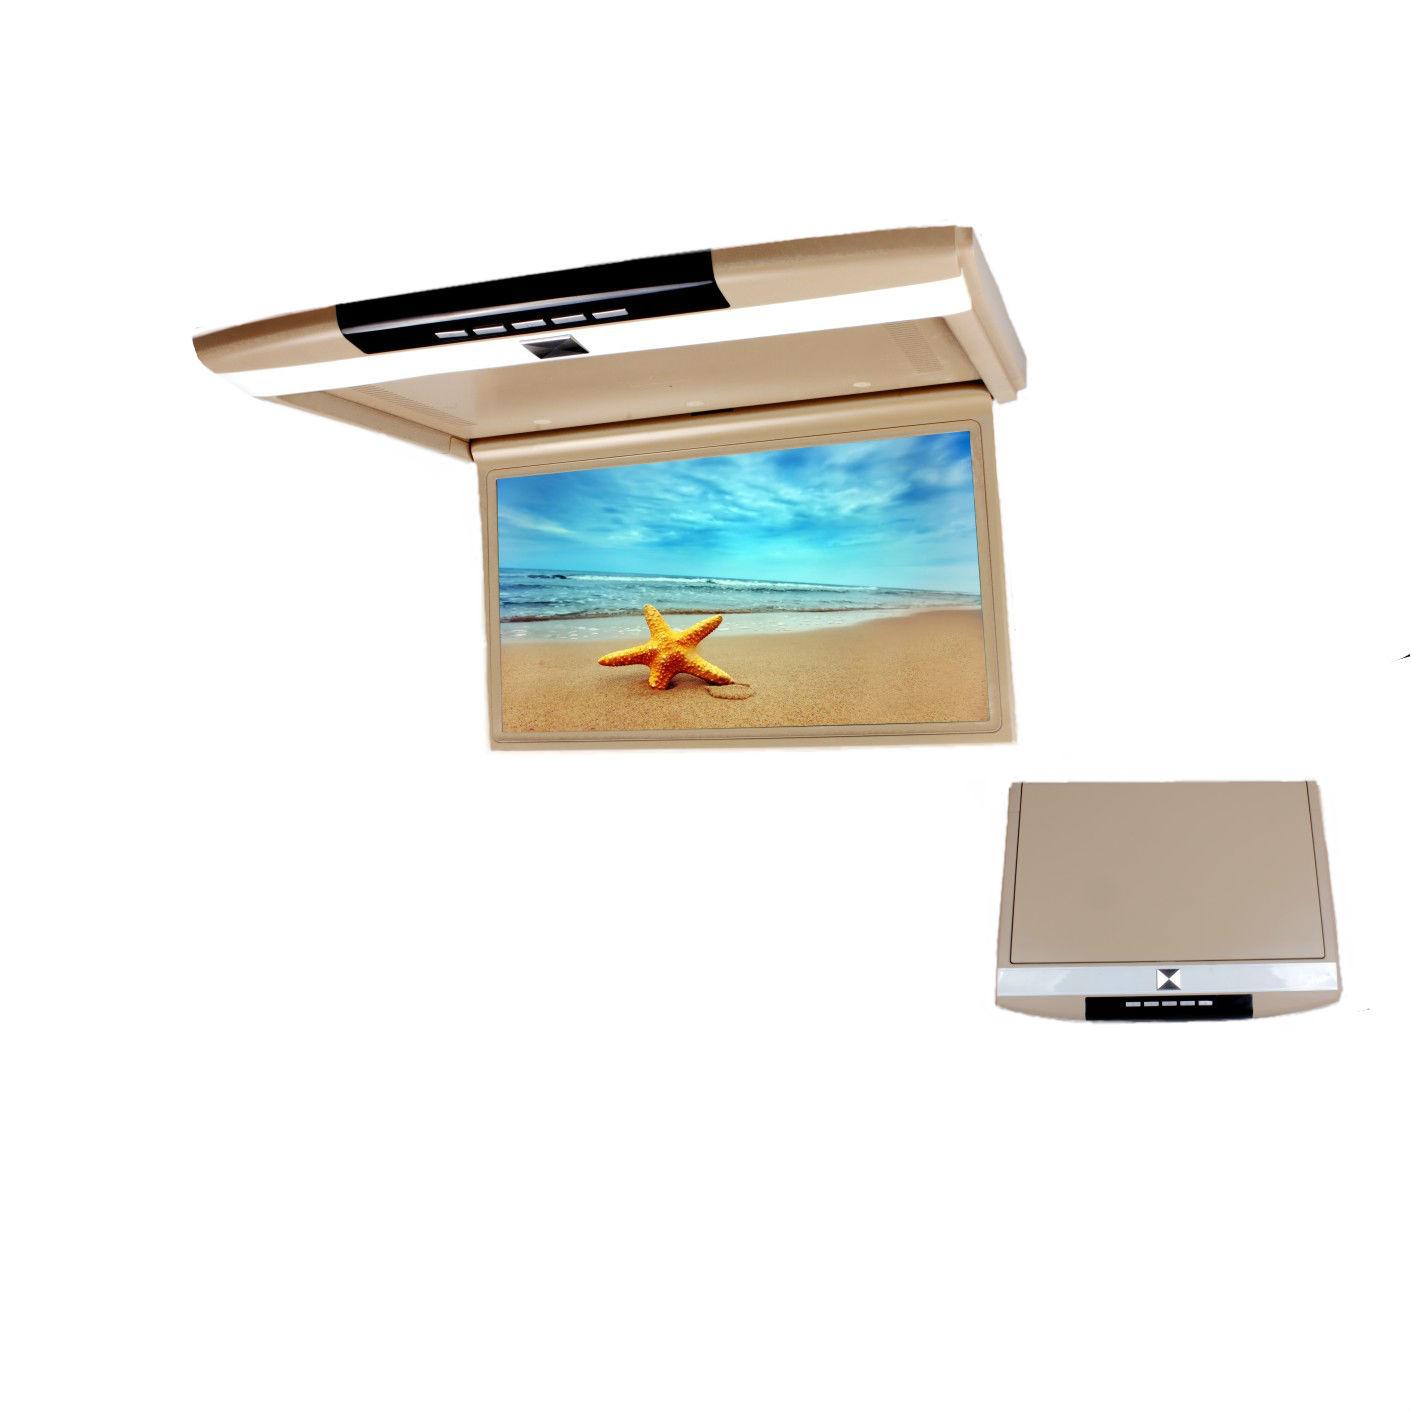 Фото - Автомобильный потолочный монитор 17.3 с медиаплеером FarCar-Z002 (бежевый) (+ Автомобильные коврики в подарок!) шторы римские 120х160 см цвет бежевый